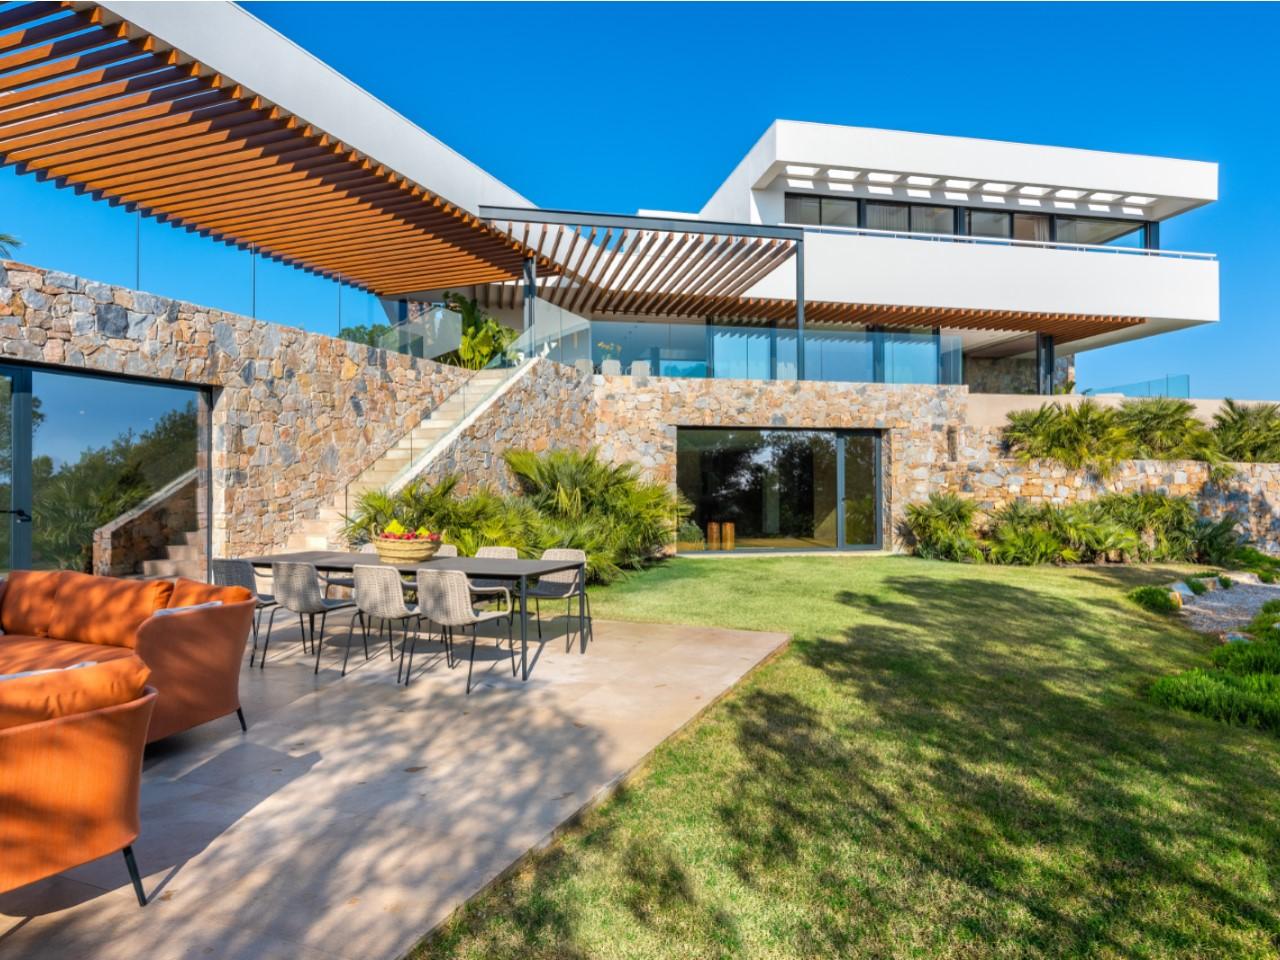 villa exclusive située dans l'un des meilleurs quartiers de la Costa Blanca